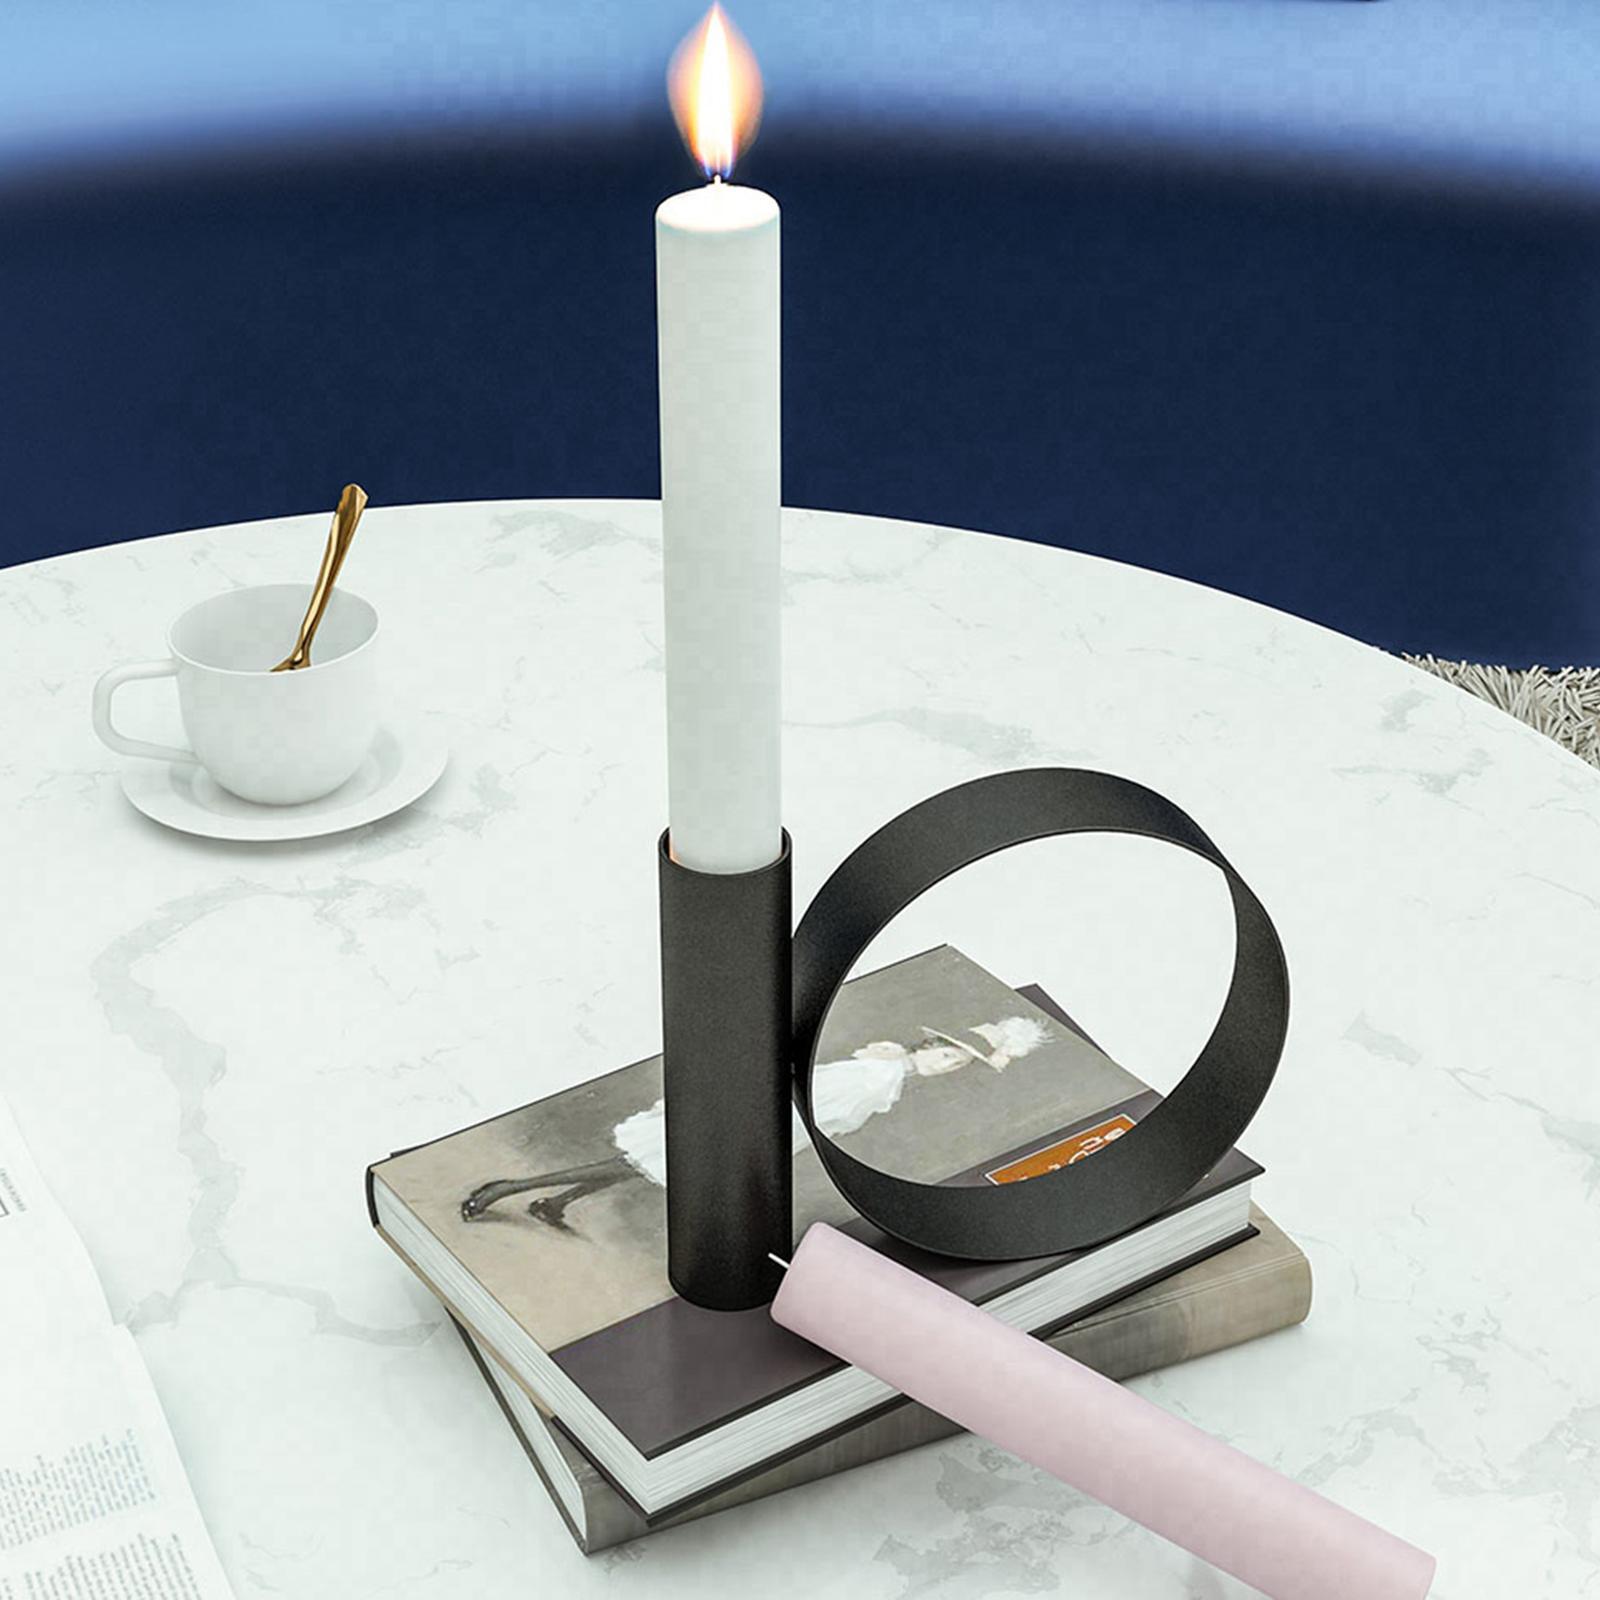 Северный стиль железа подсвечник геометрический держатель свечи свадебный фестиваль декор домашнего обеденного стола украшения